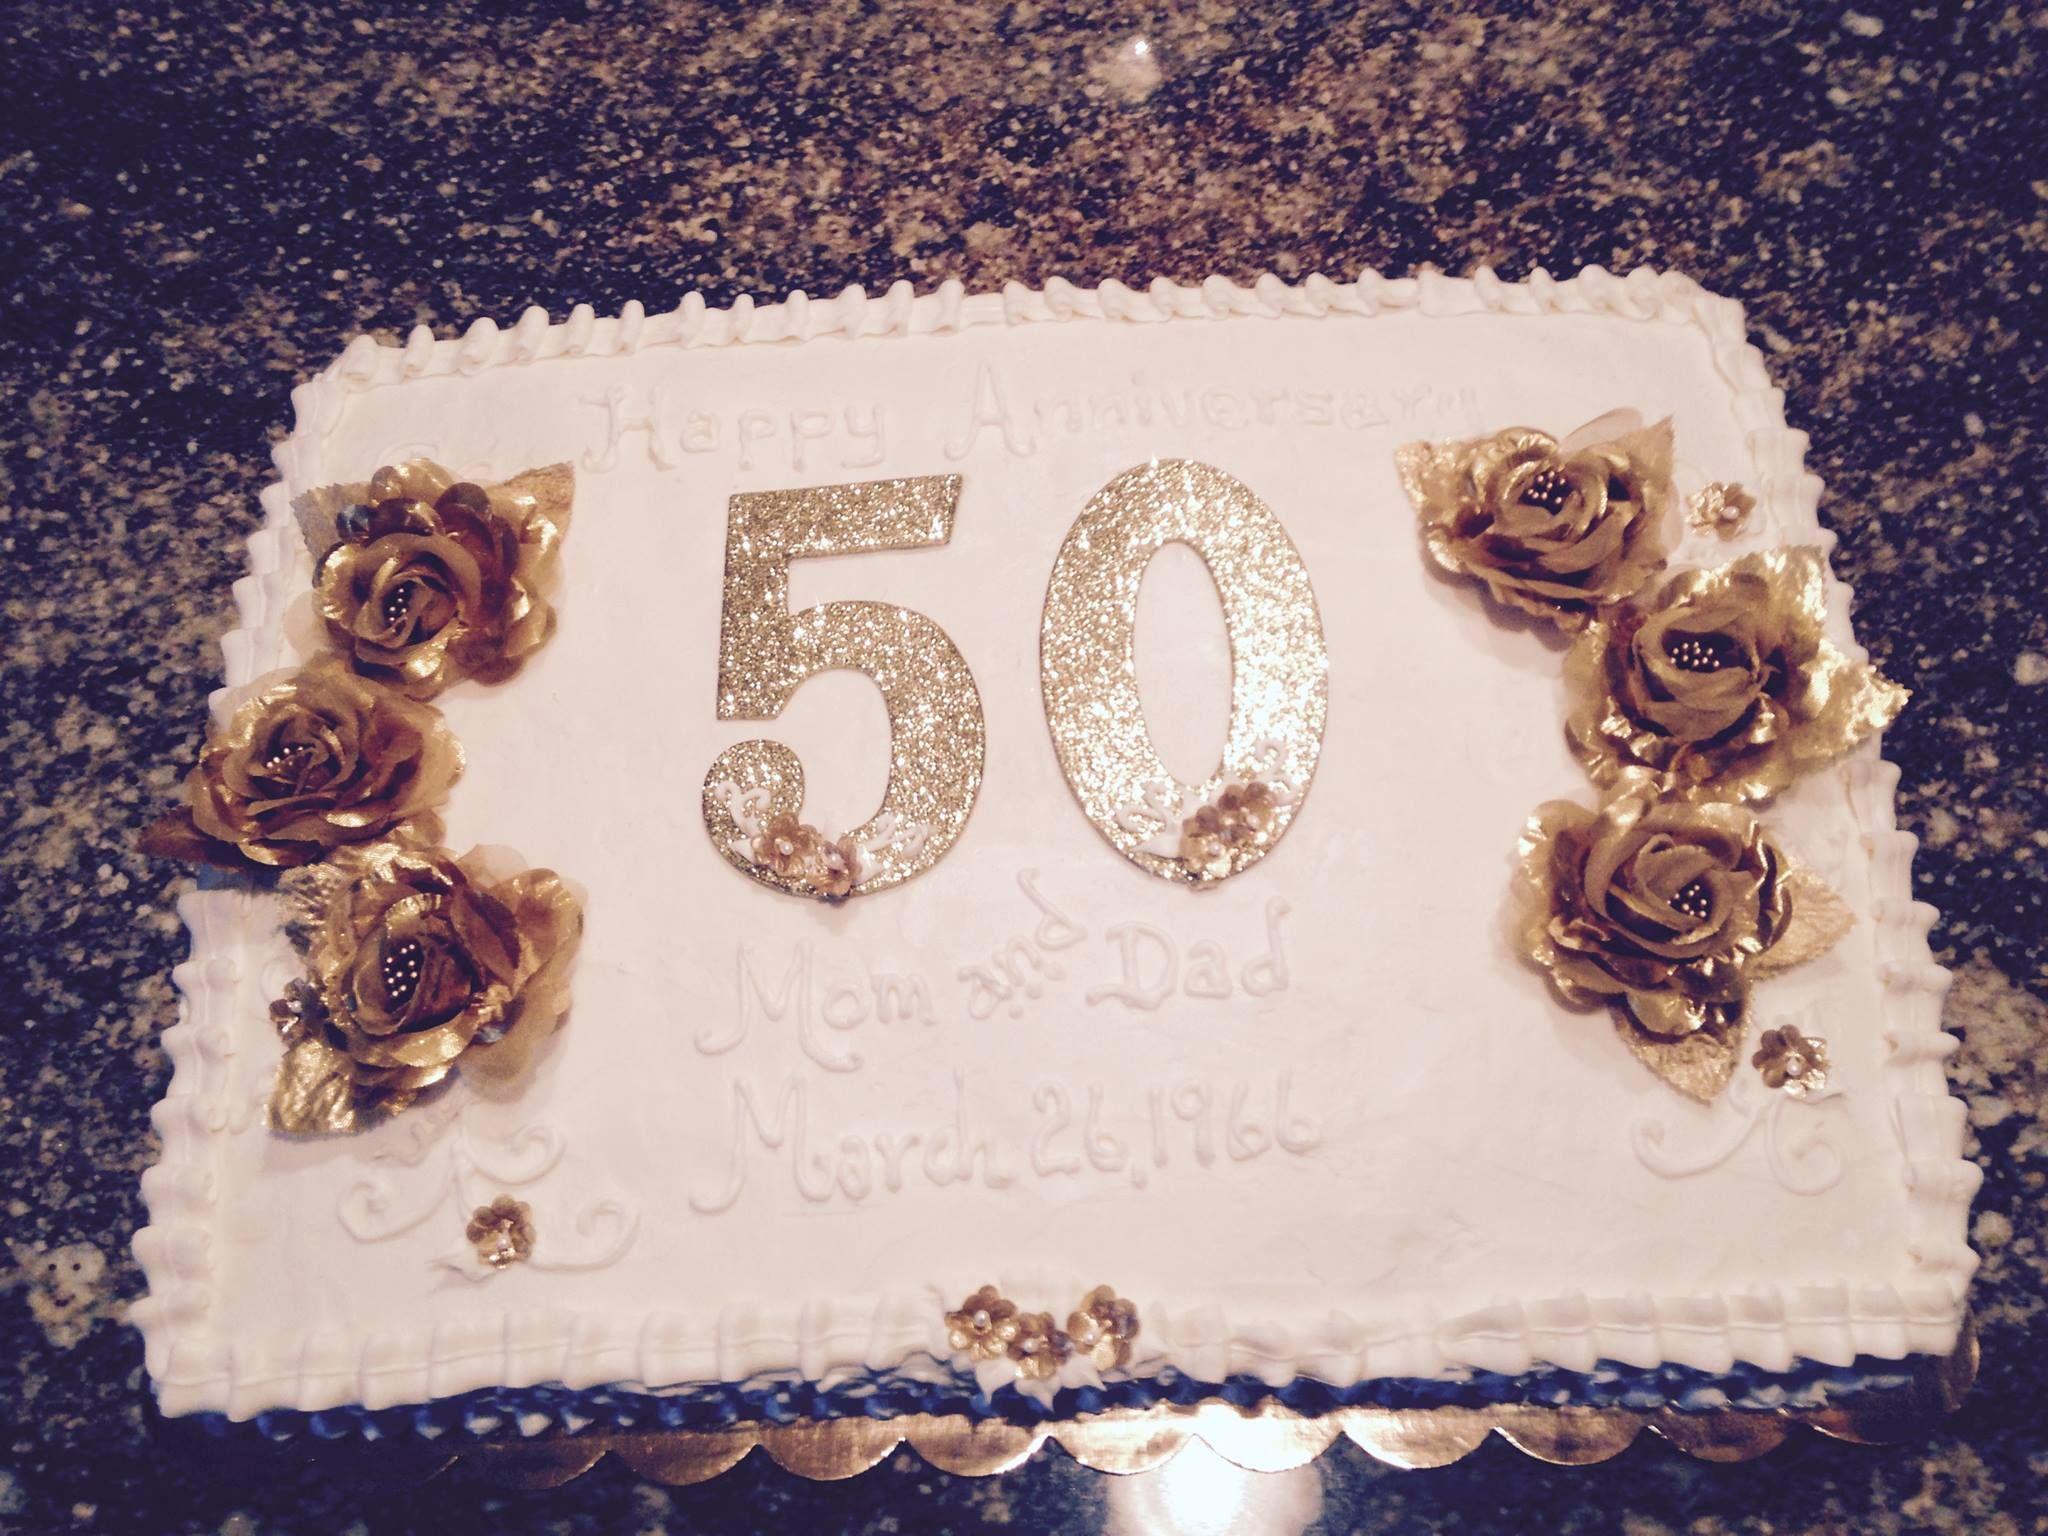 50th Wedding Anniversary Sheet Cake | 50th Anniversary Sheet Cake ...